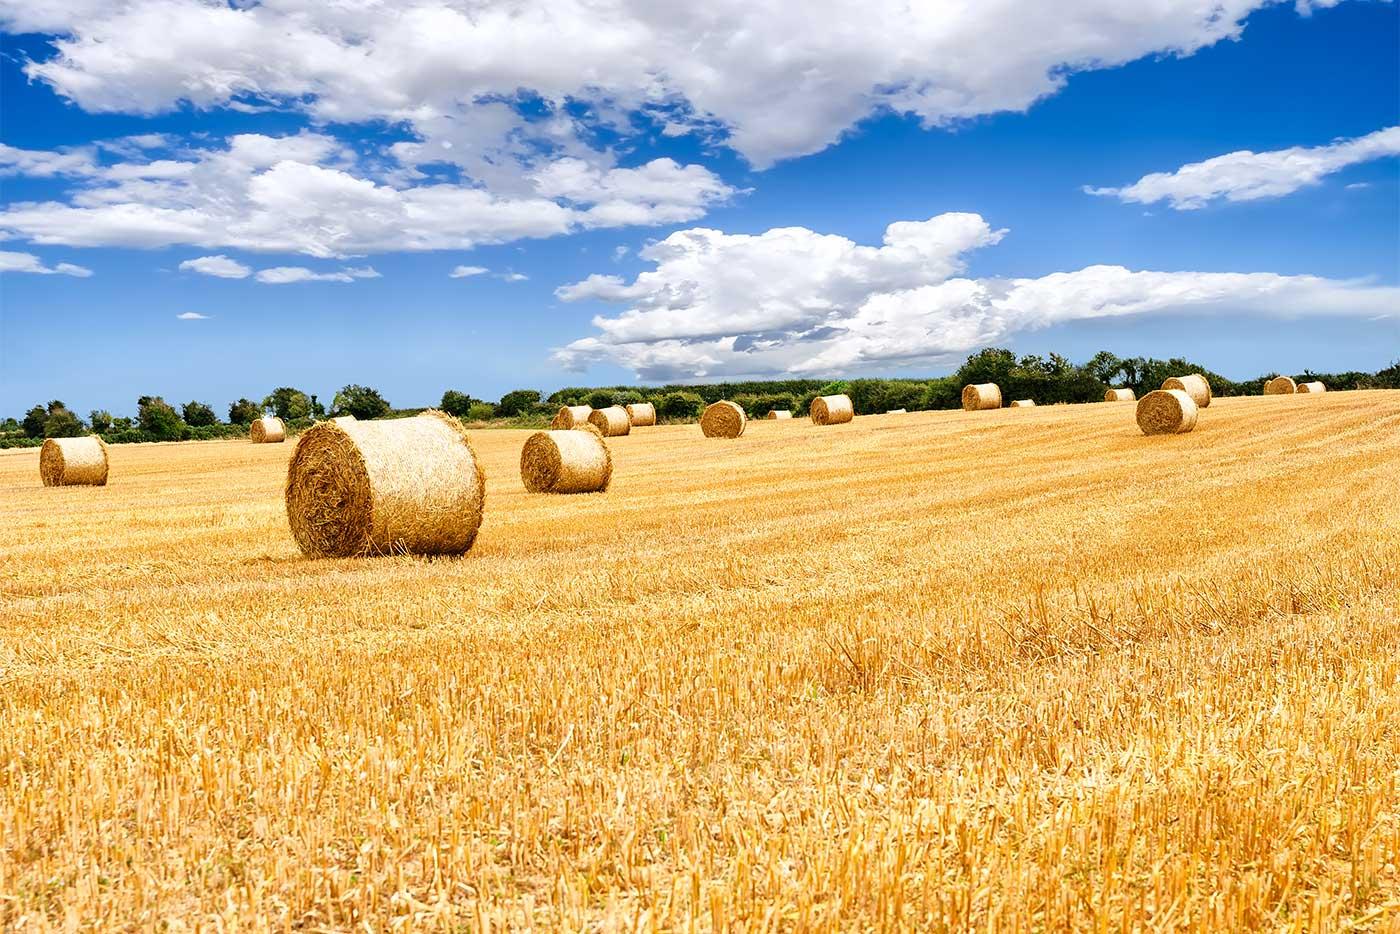 partnersuche landwirtschaft Er sucht sie ♥ - finde deine traumfrau mit der kostenlosen partnersuche auf meinestadtde single-frauen kennenlernen.